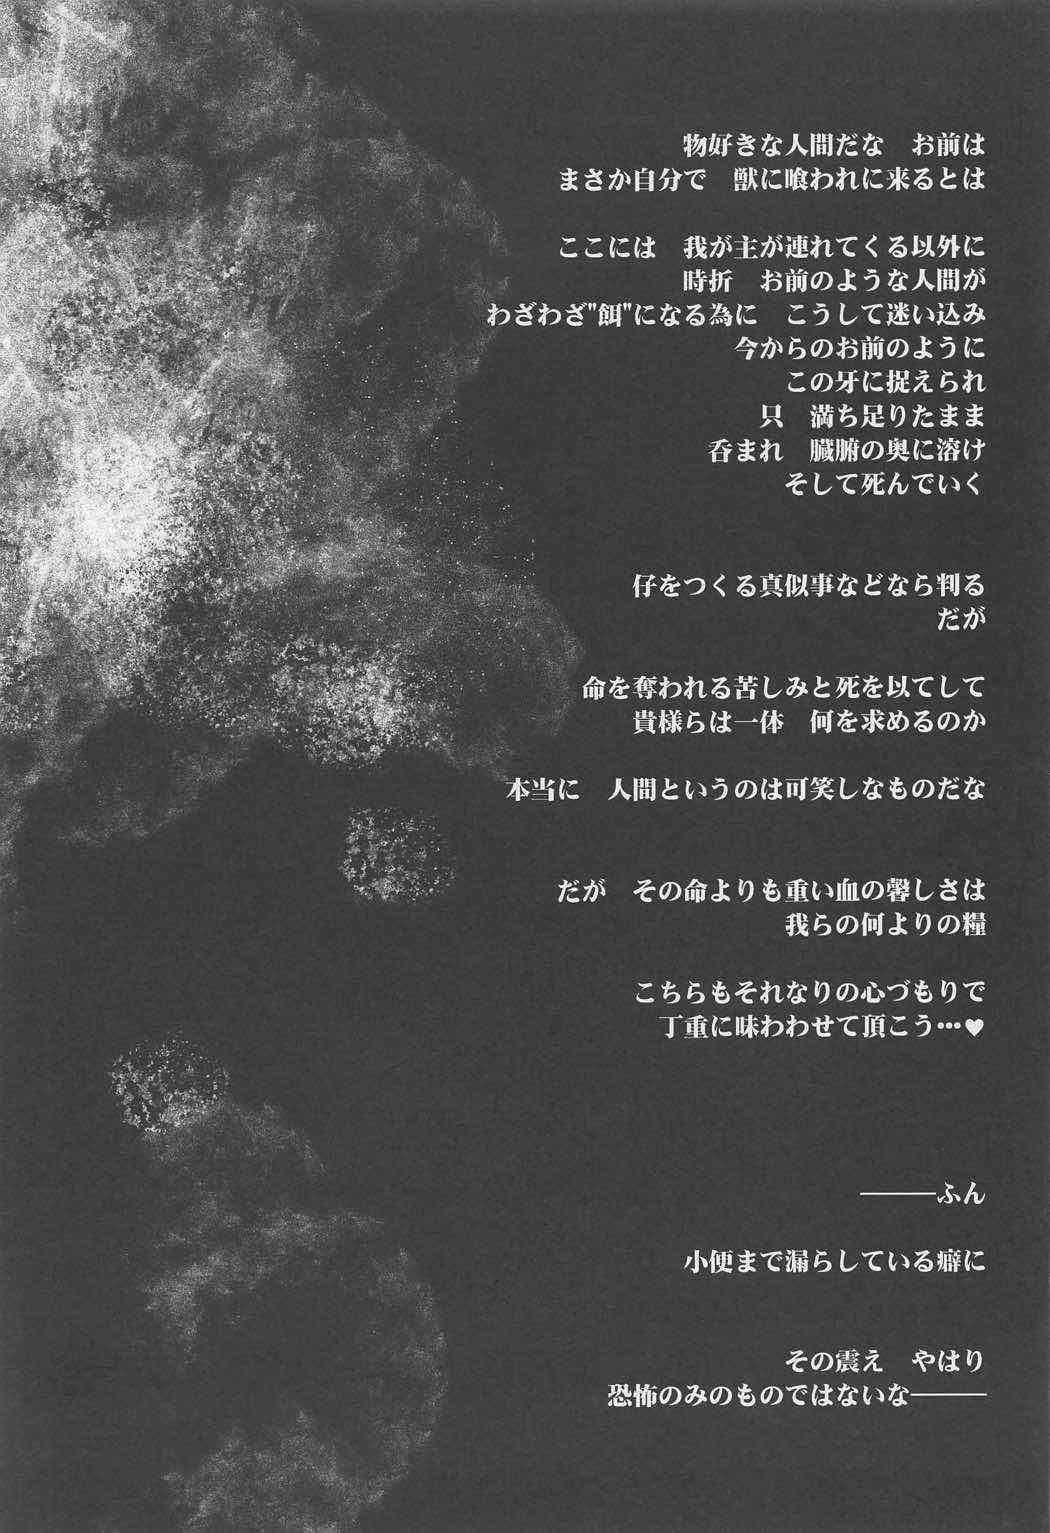 Oshioki ScyRan 30